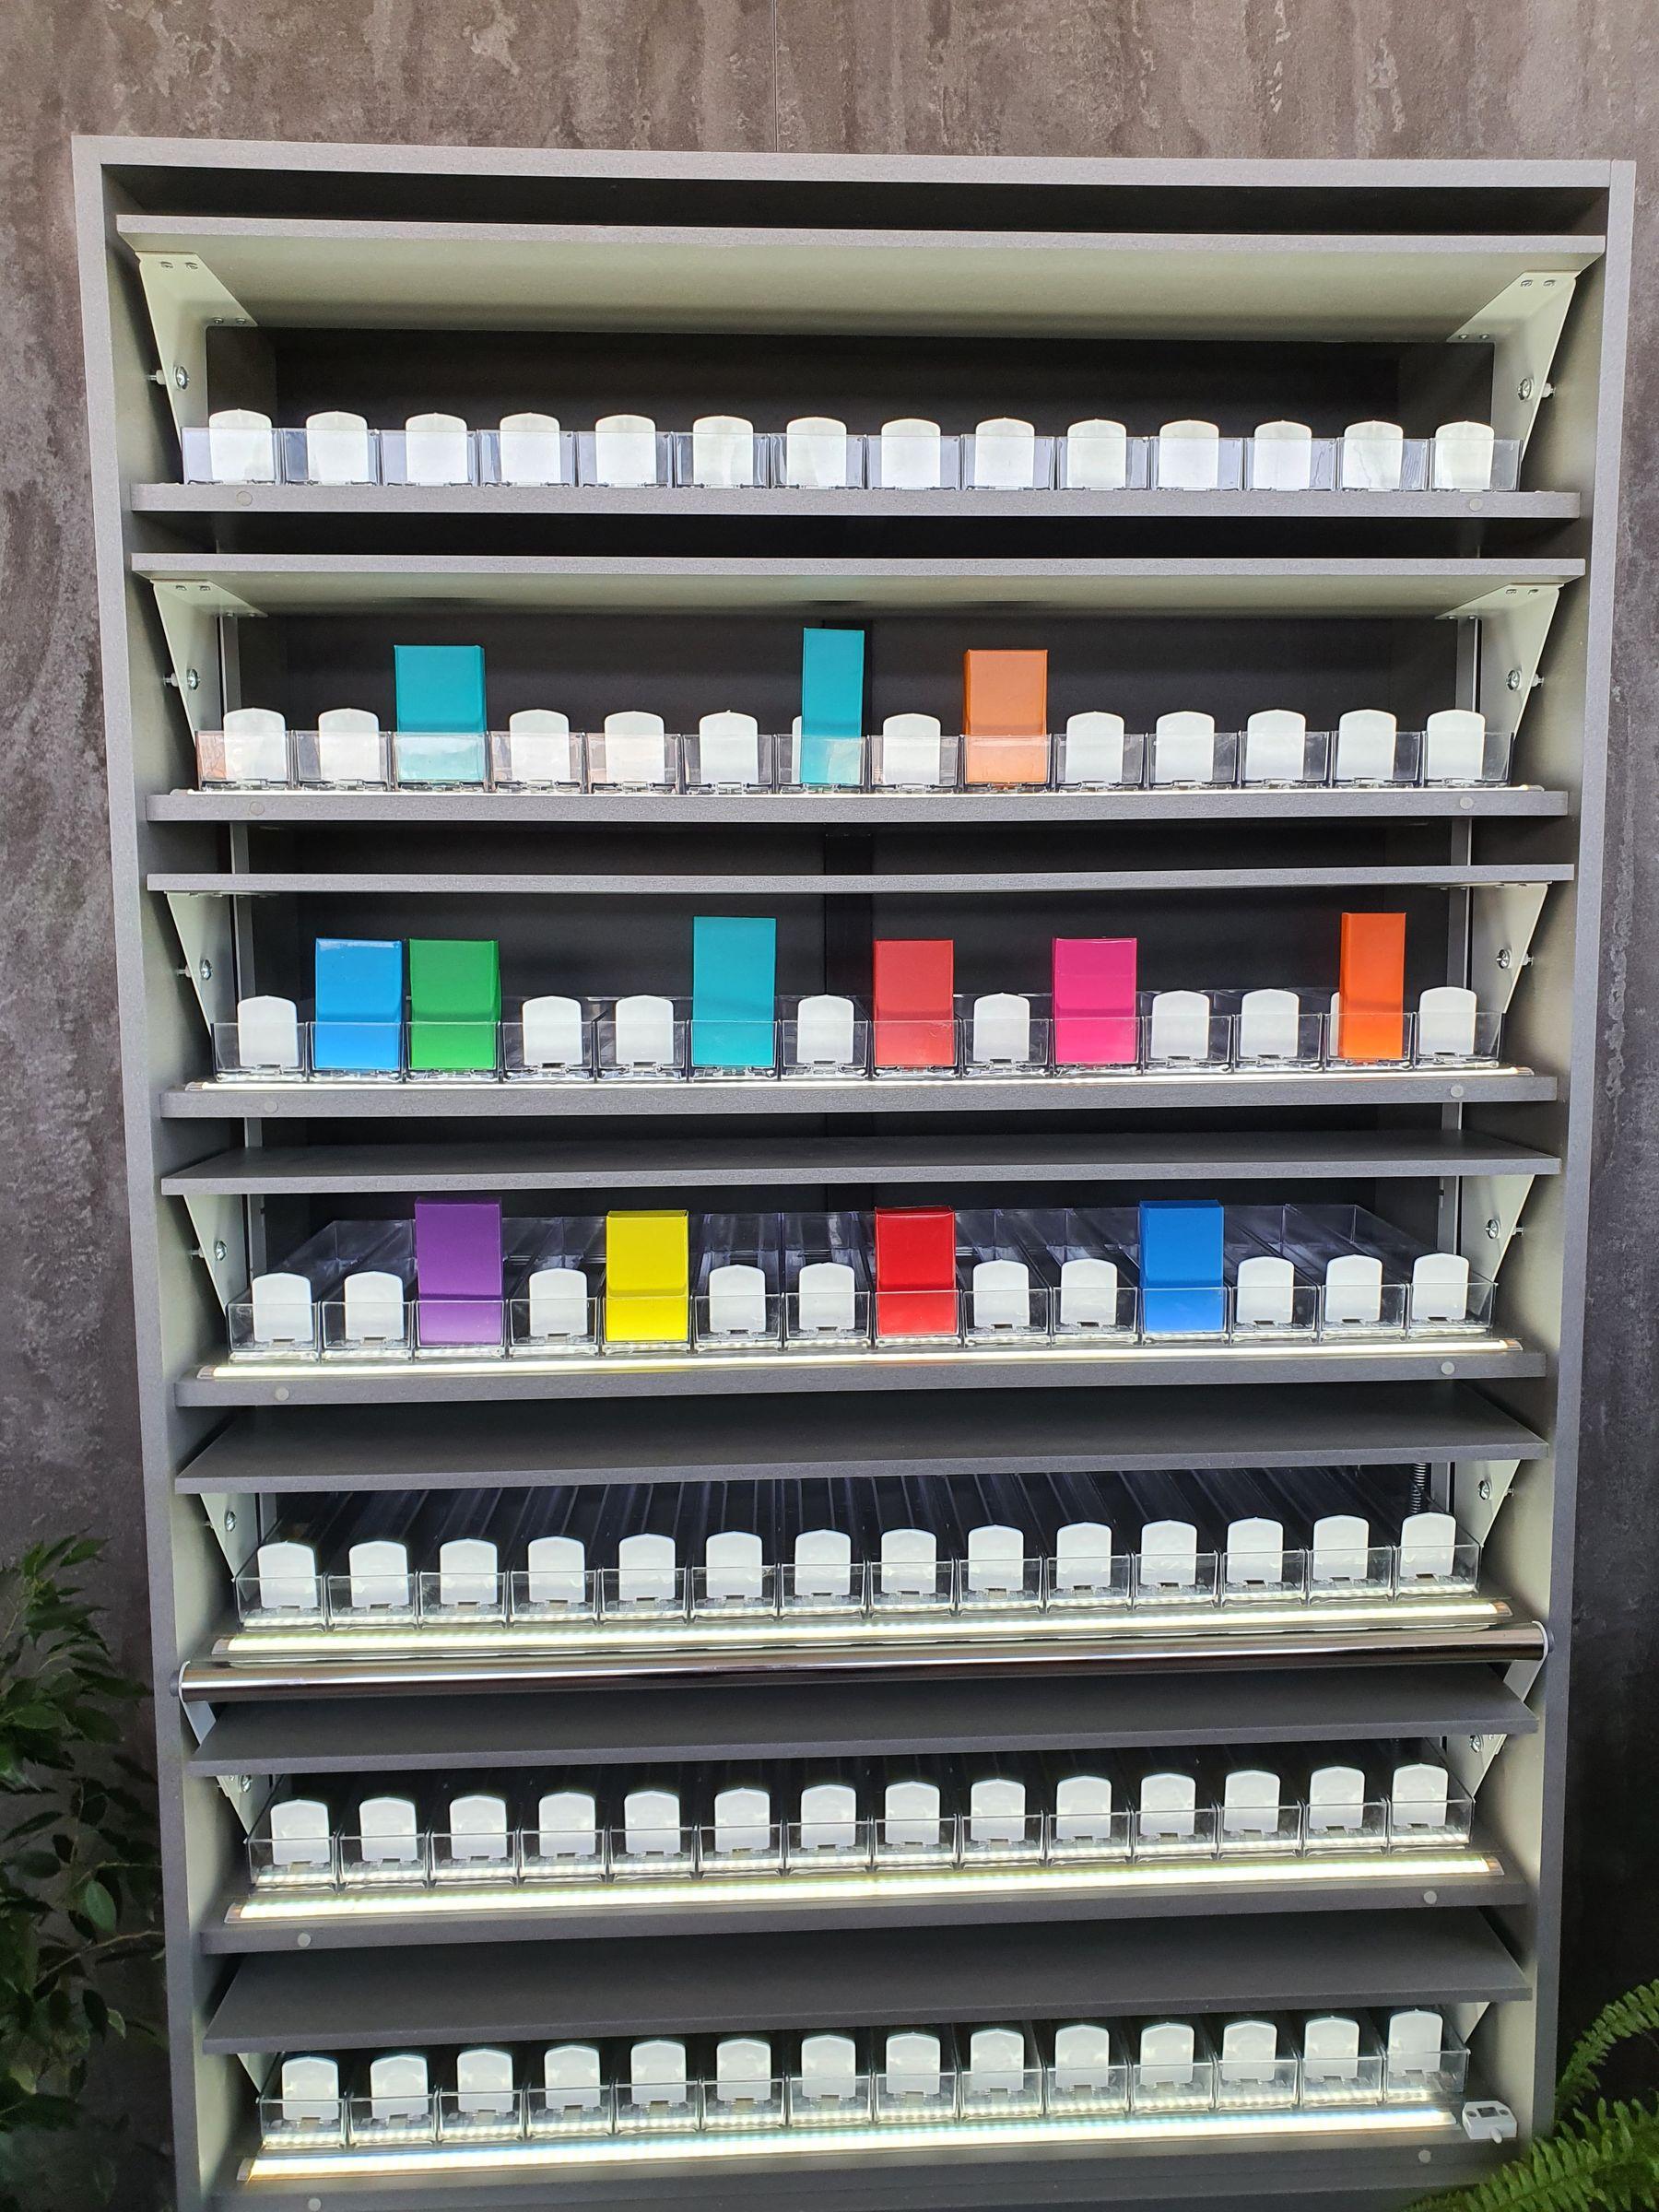 Торговое оборудование шкаф для сигарет купить казань сигарета джул купить